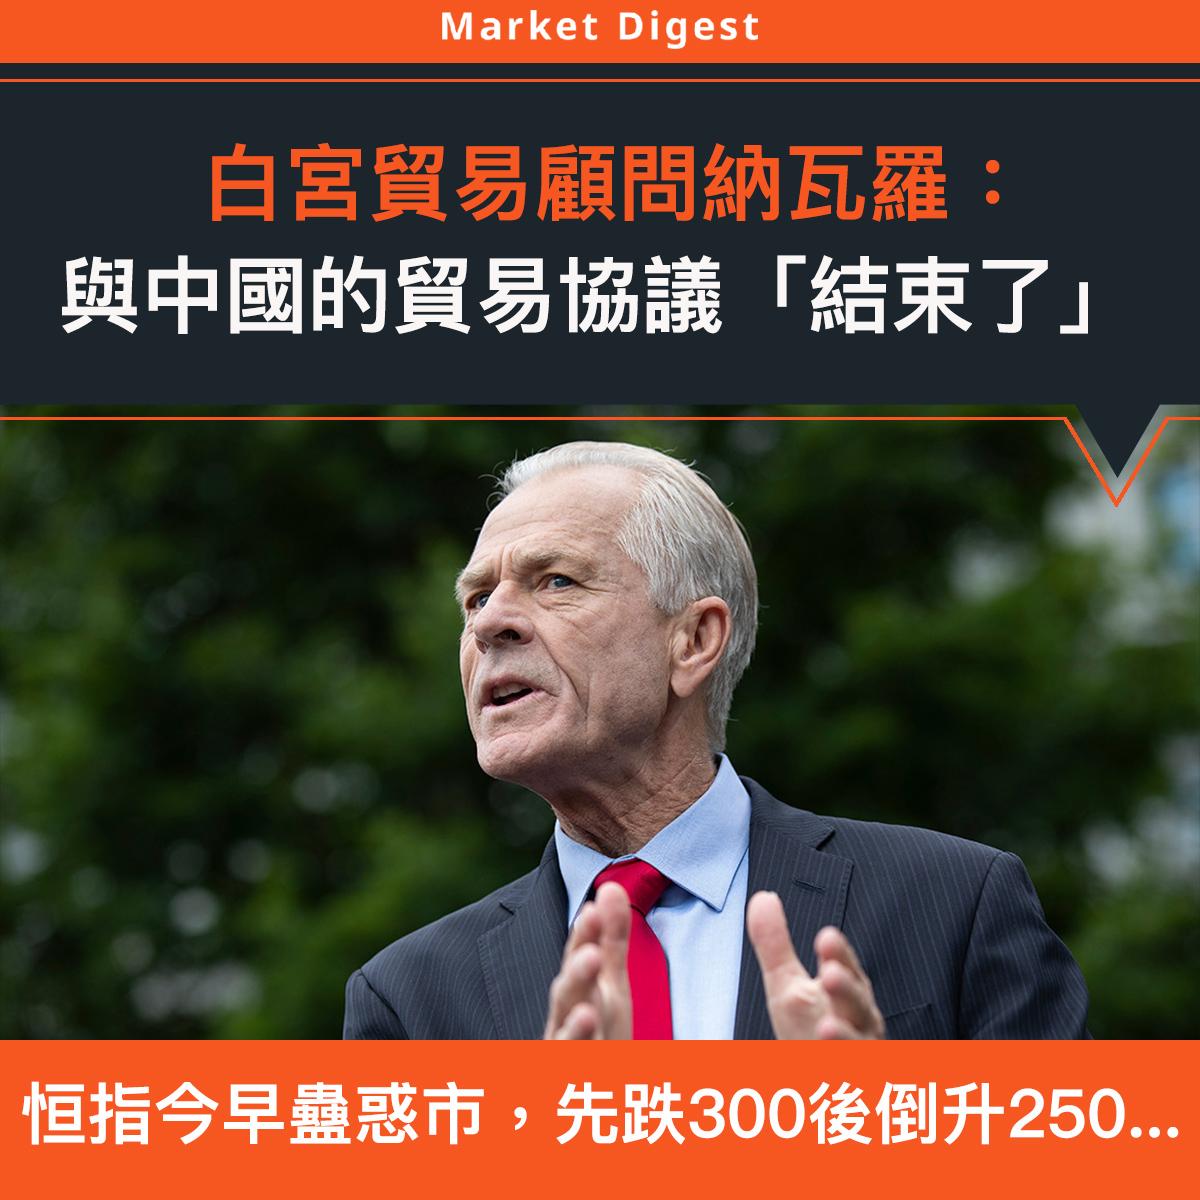 【#市場熱話】白宮貿易顧問納瓦羅:與中國的貿易協議「結束了」